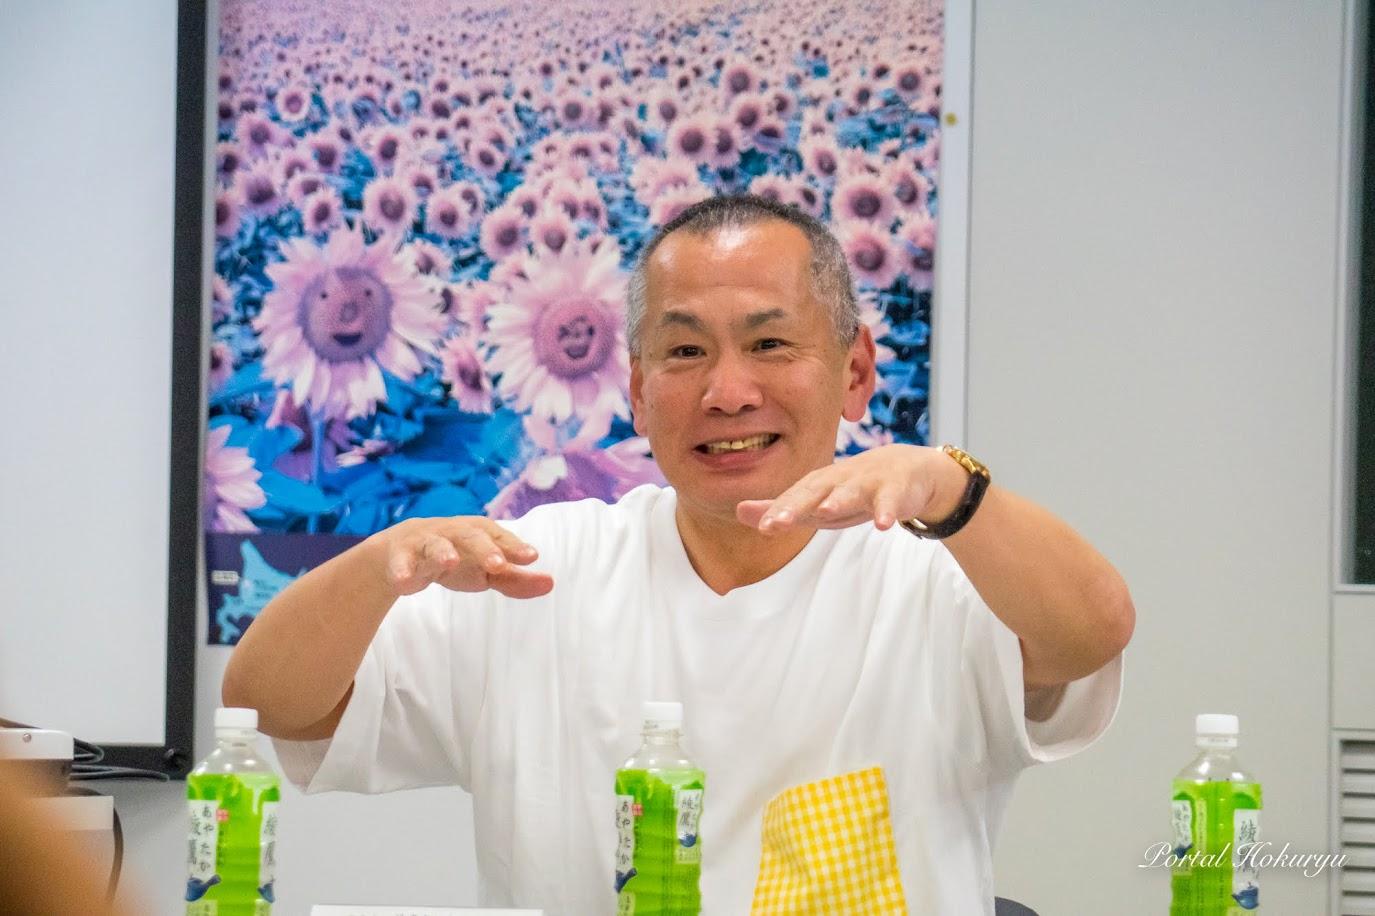 谷垣雅之 委員(マルシェ株式会社 取締役会長)